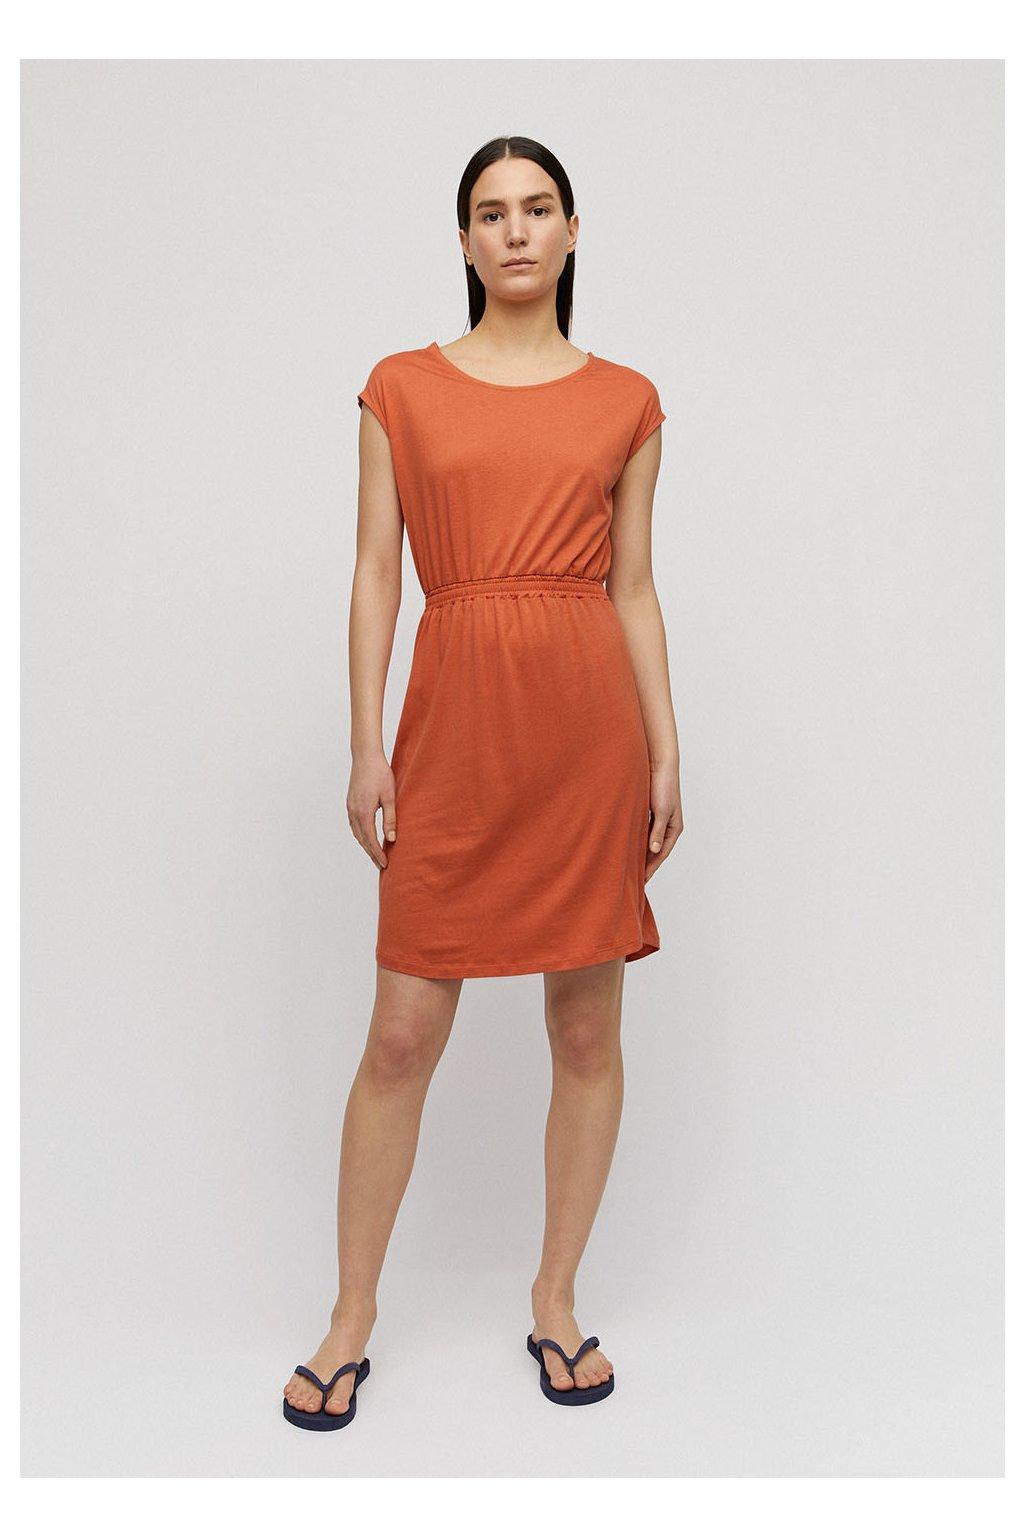 """Dámské oranžové šaty """"SONJAA starfish"""" (Velikost L)"""